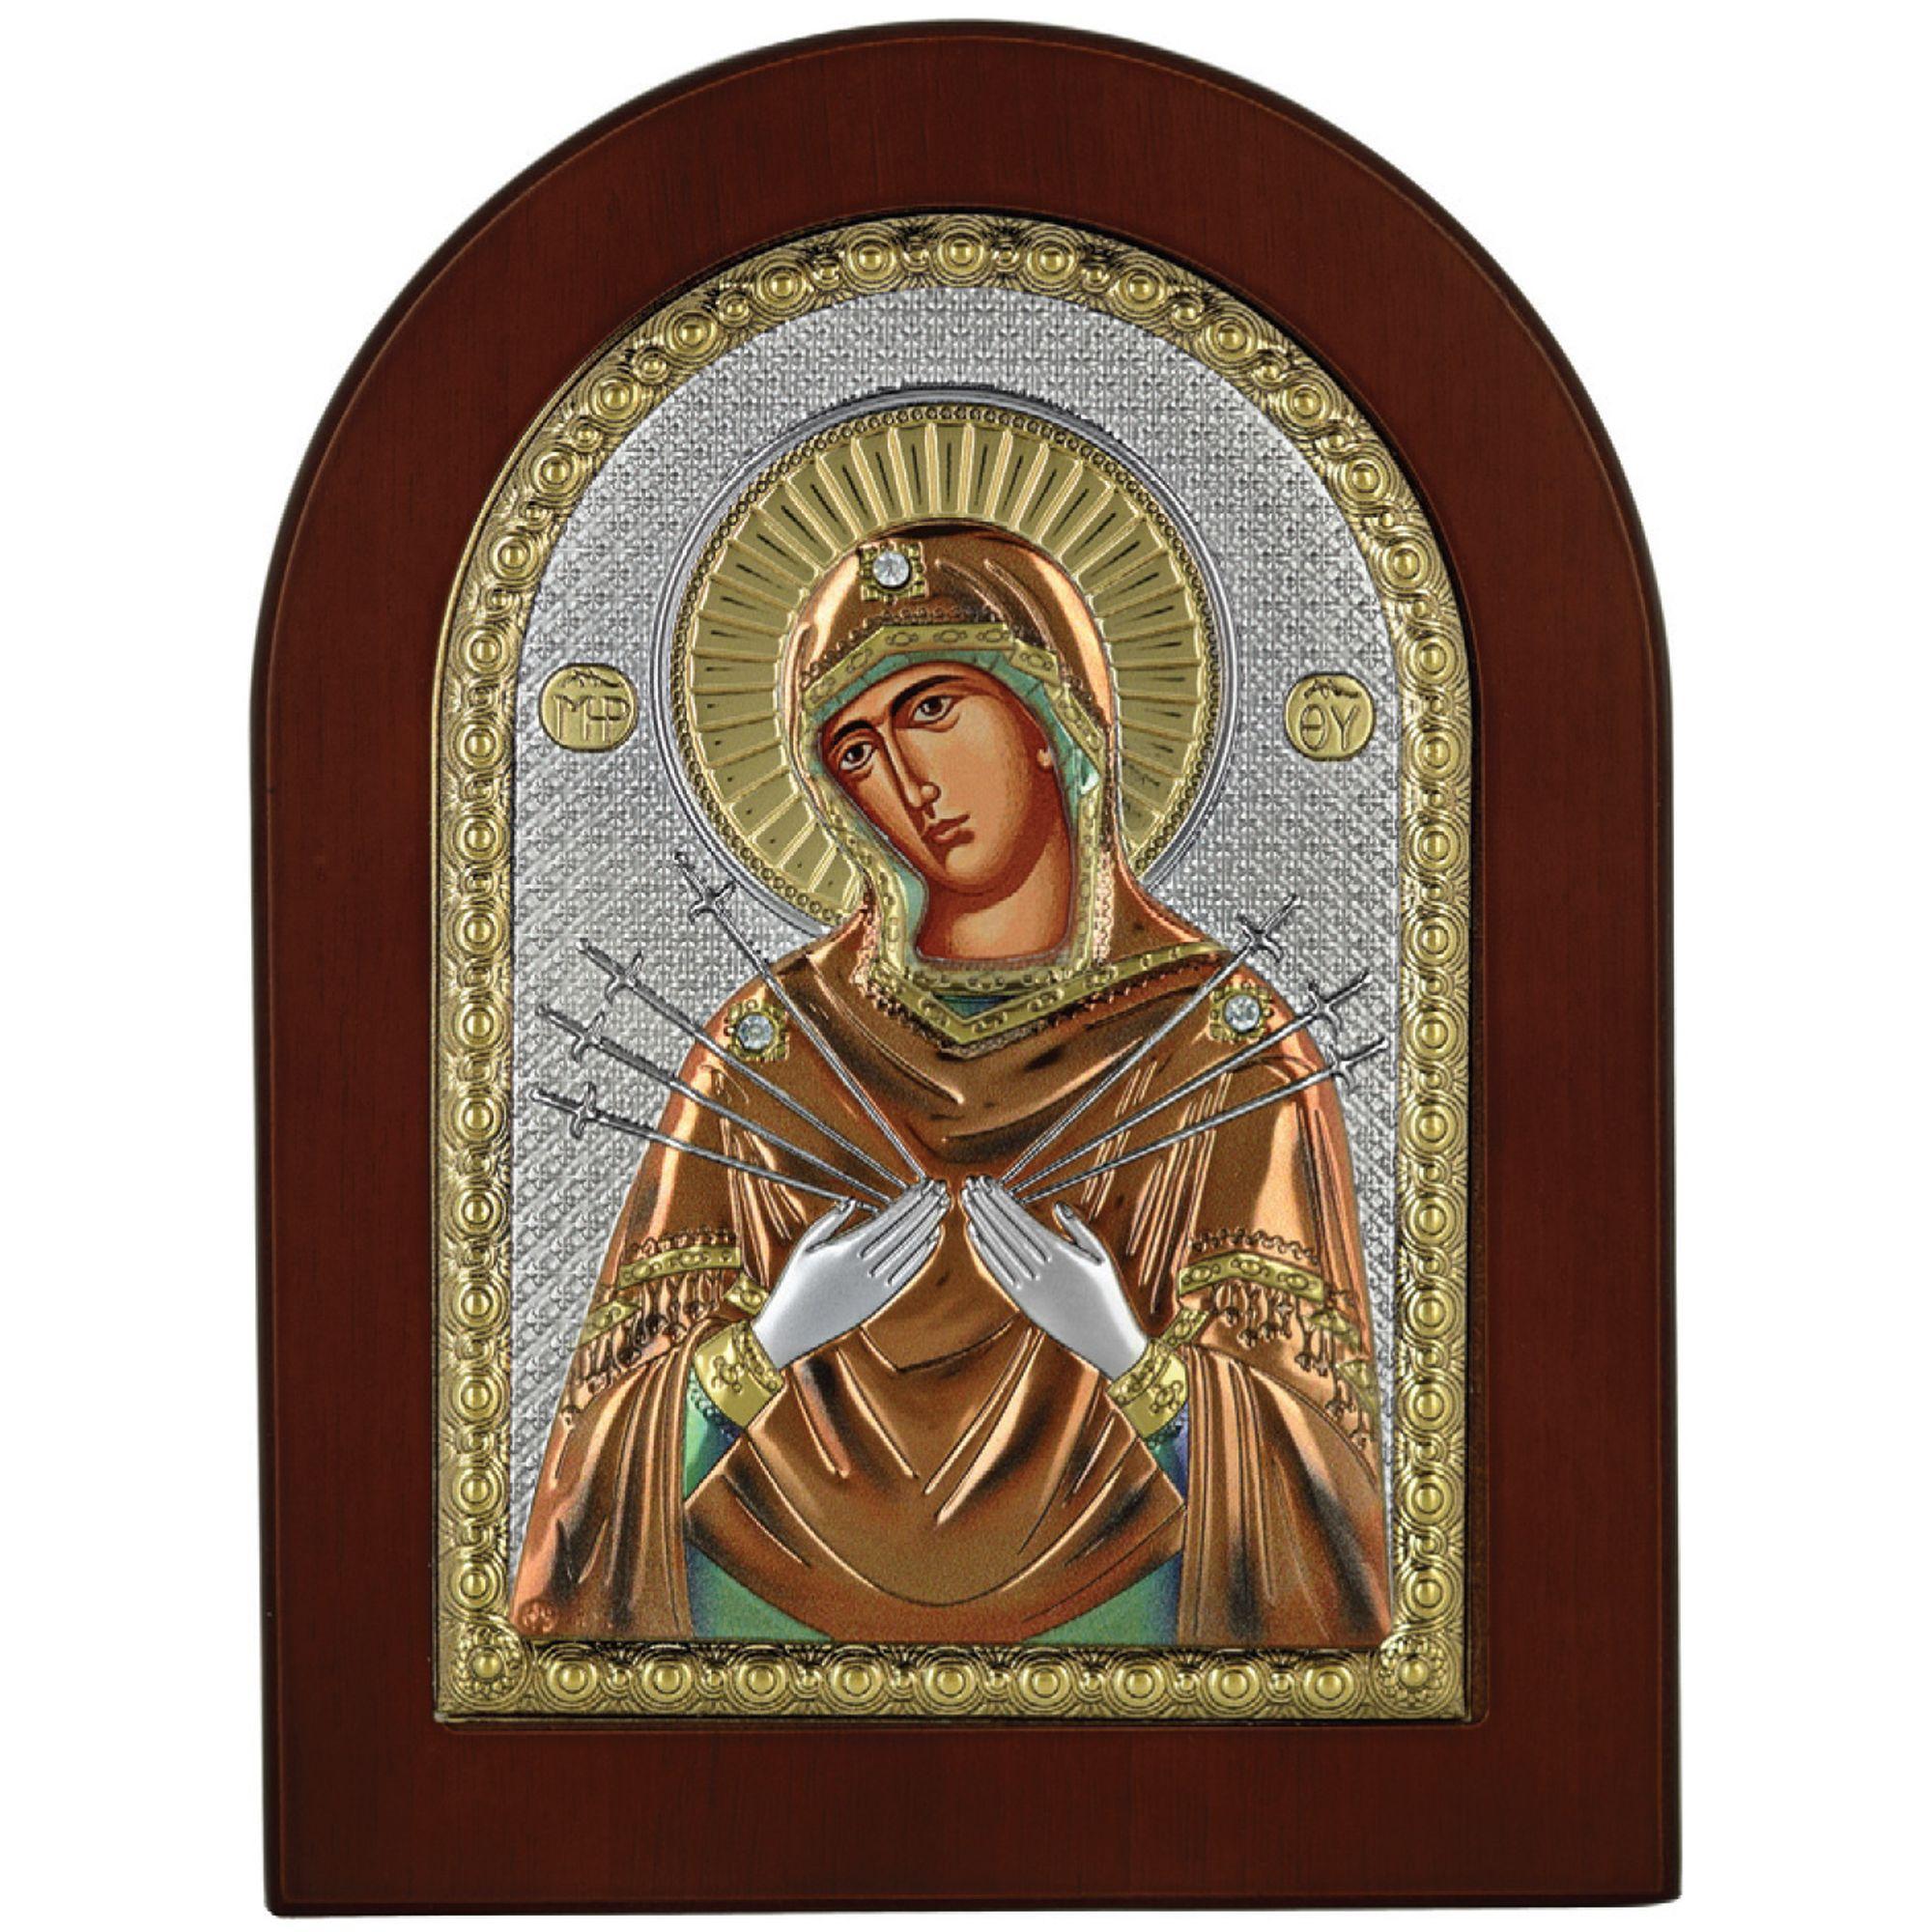 Εικόνες Παναγίας, Ασημένια Εικόνα Παναγίας, Παναγία ασημένια εικόνα, Δωρεάν Μεταφορικά